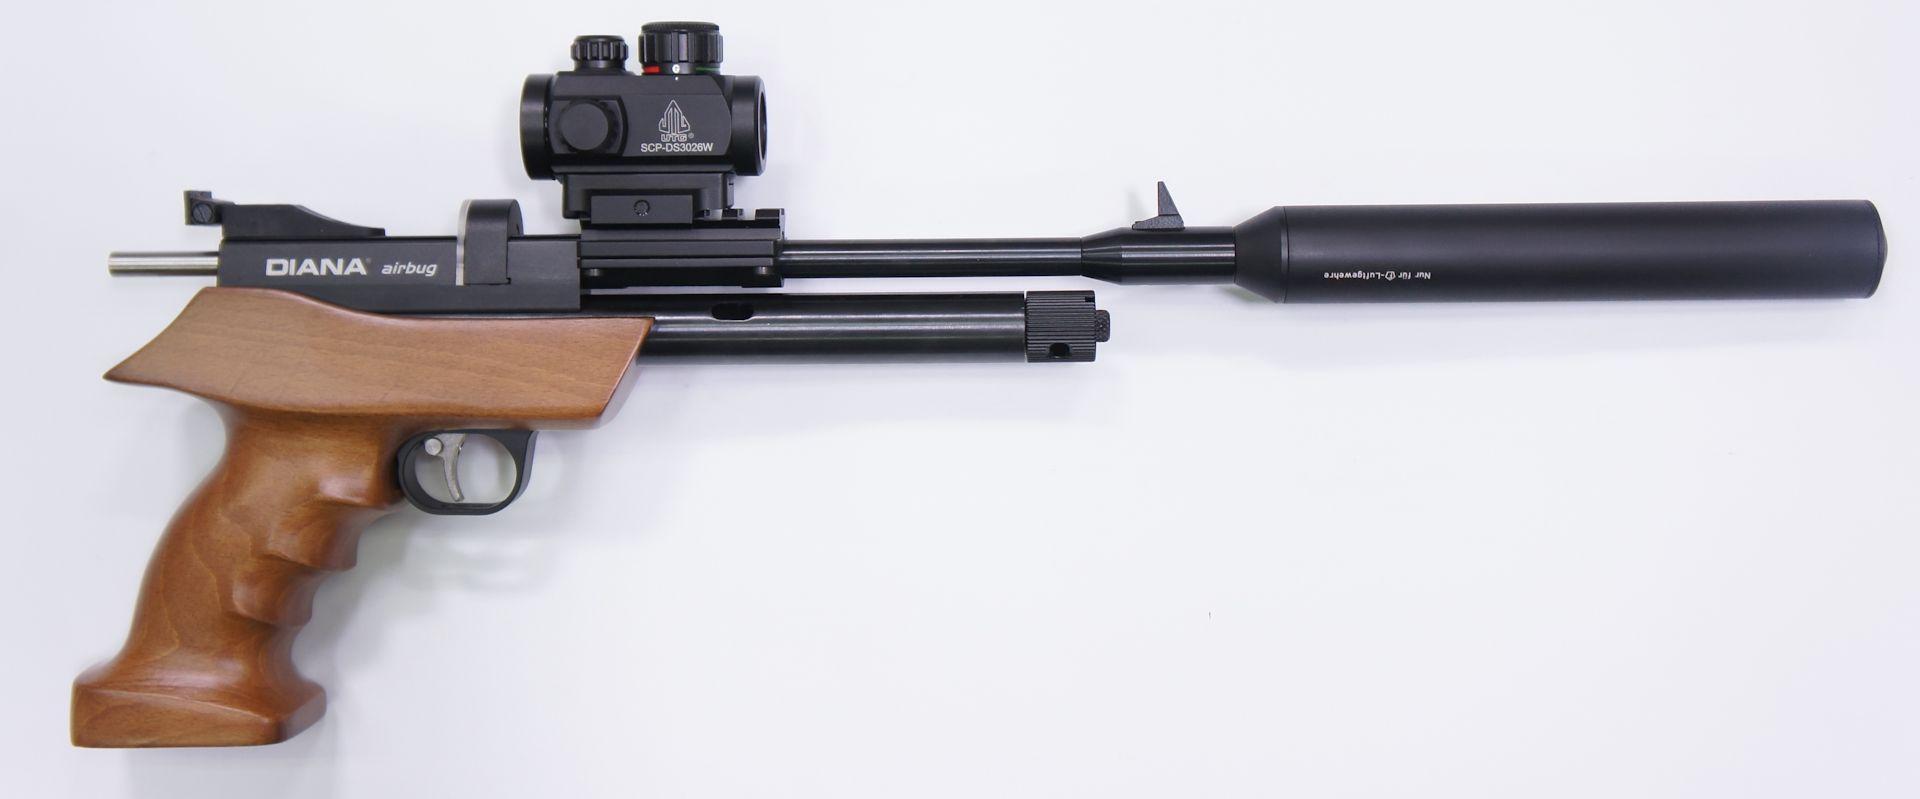 Dieses Set mit der CO2 Repetierluftpistole Diana airbug muss selbst montiert und eingeschossen werden.